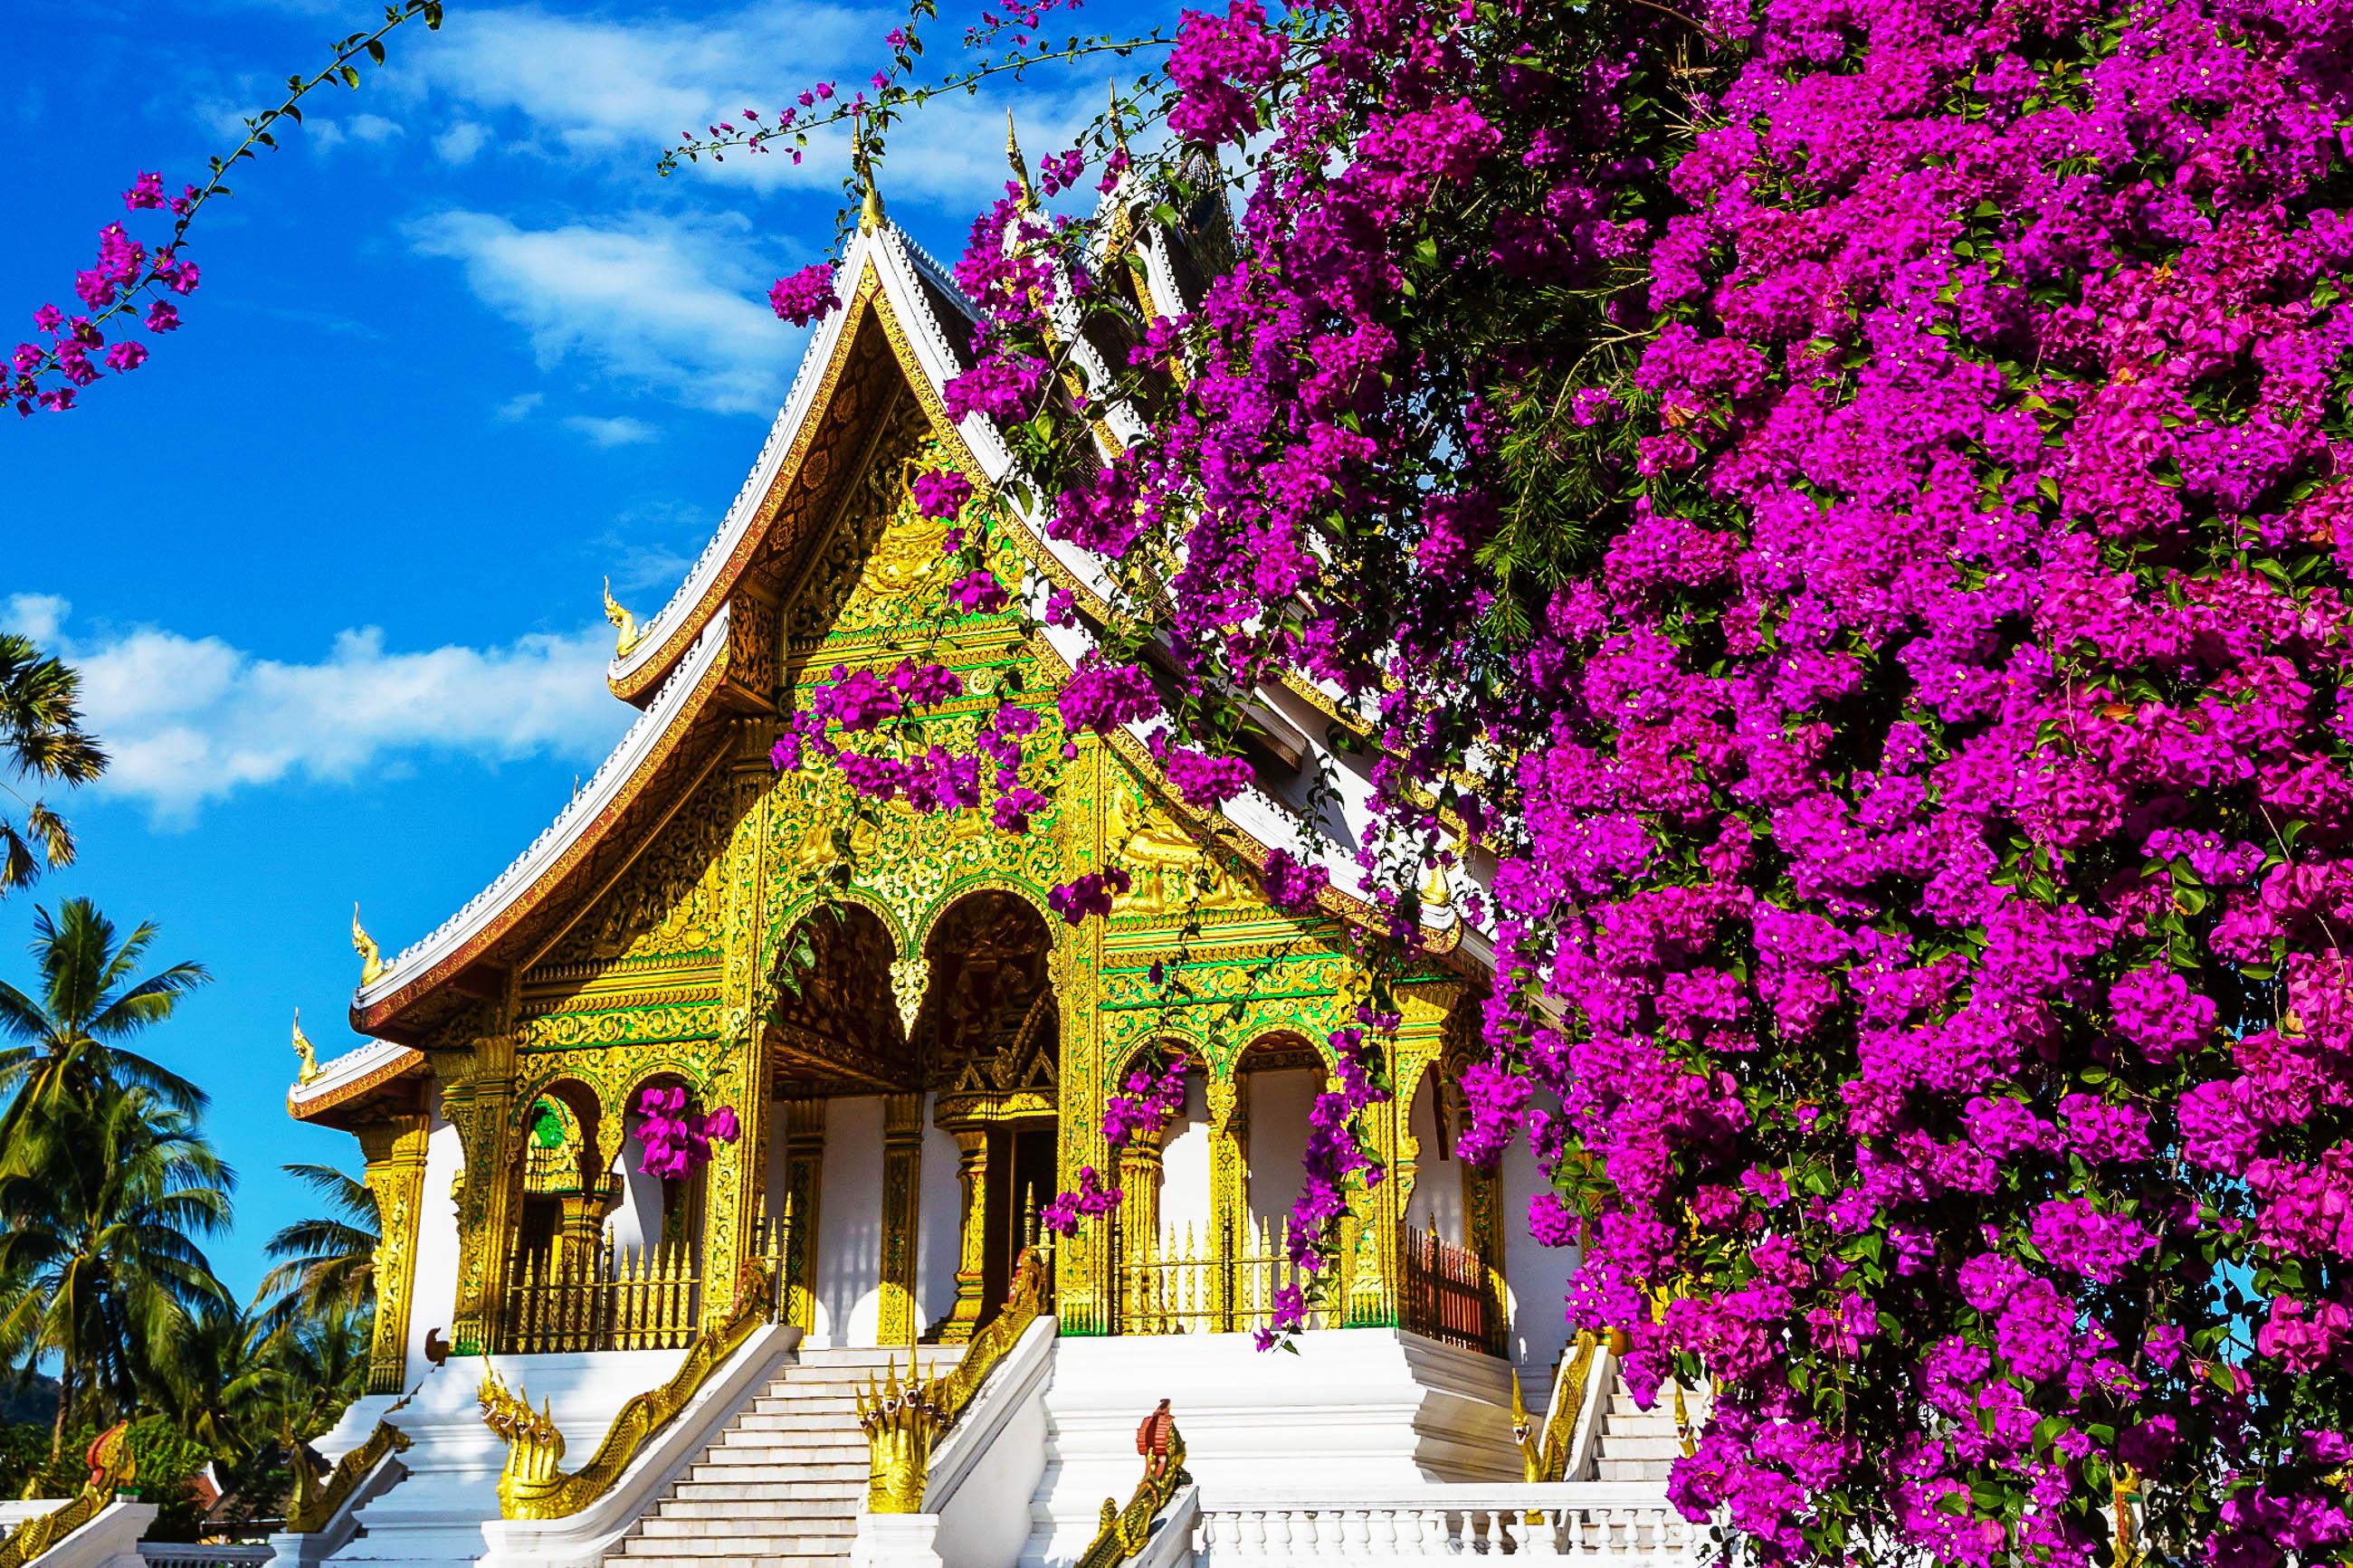 from Aidan gay laos luang prabang